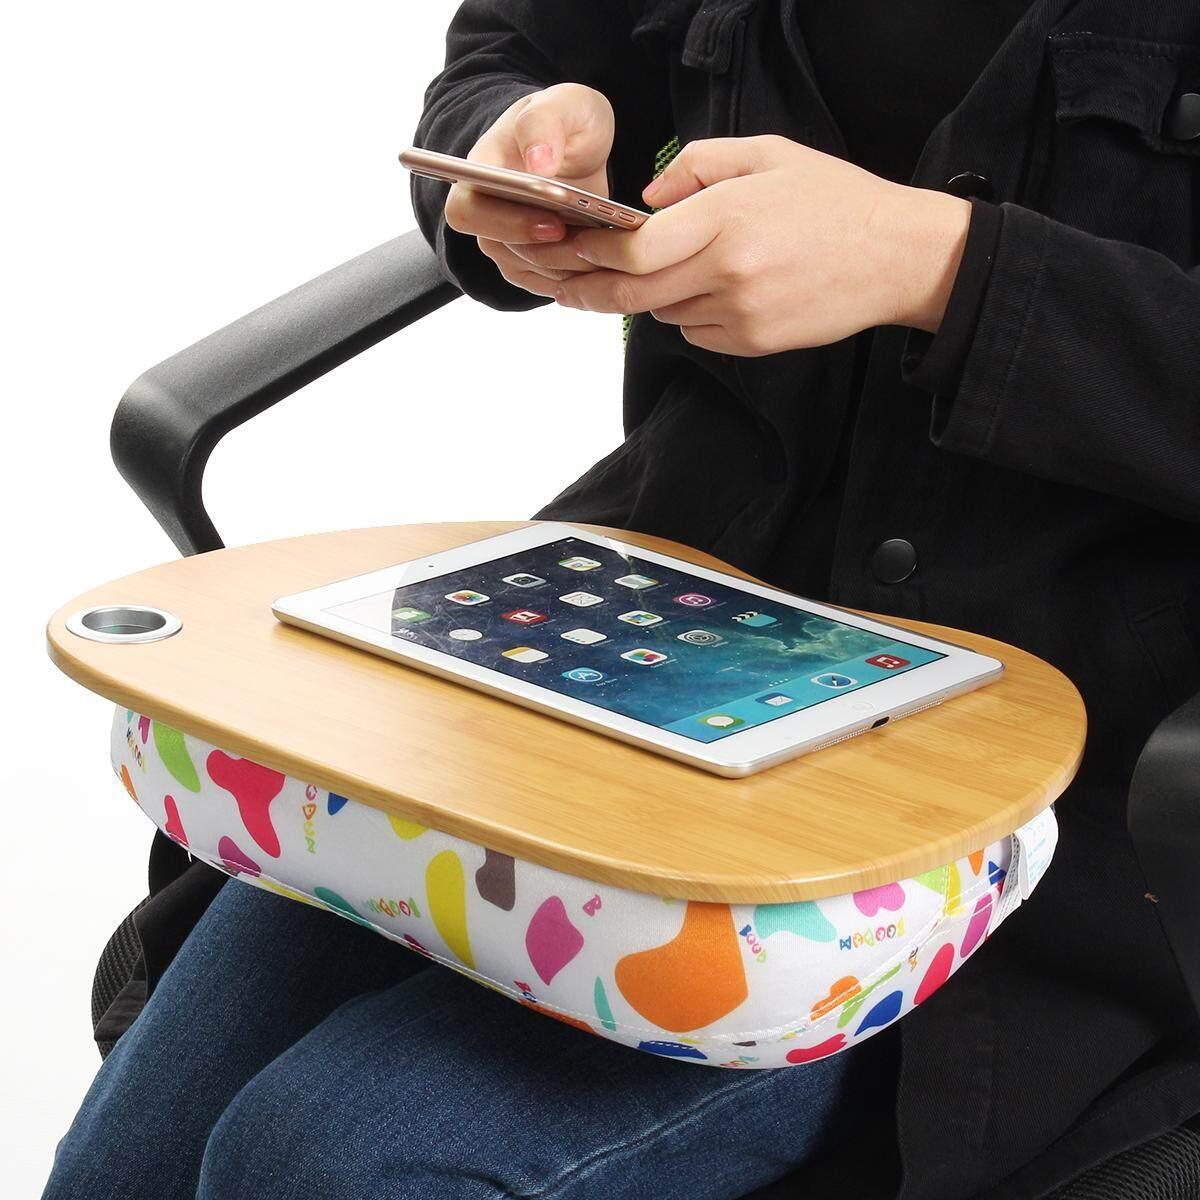 【Free Vận Chuyển + Đèn Flash Deal】Tablet Laptop Gối Đệm Bàn Laptop Đế máy Sofa Khay Đựng iPad